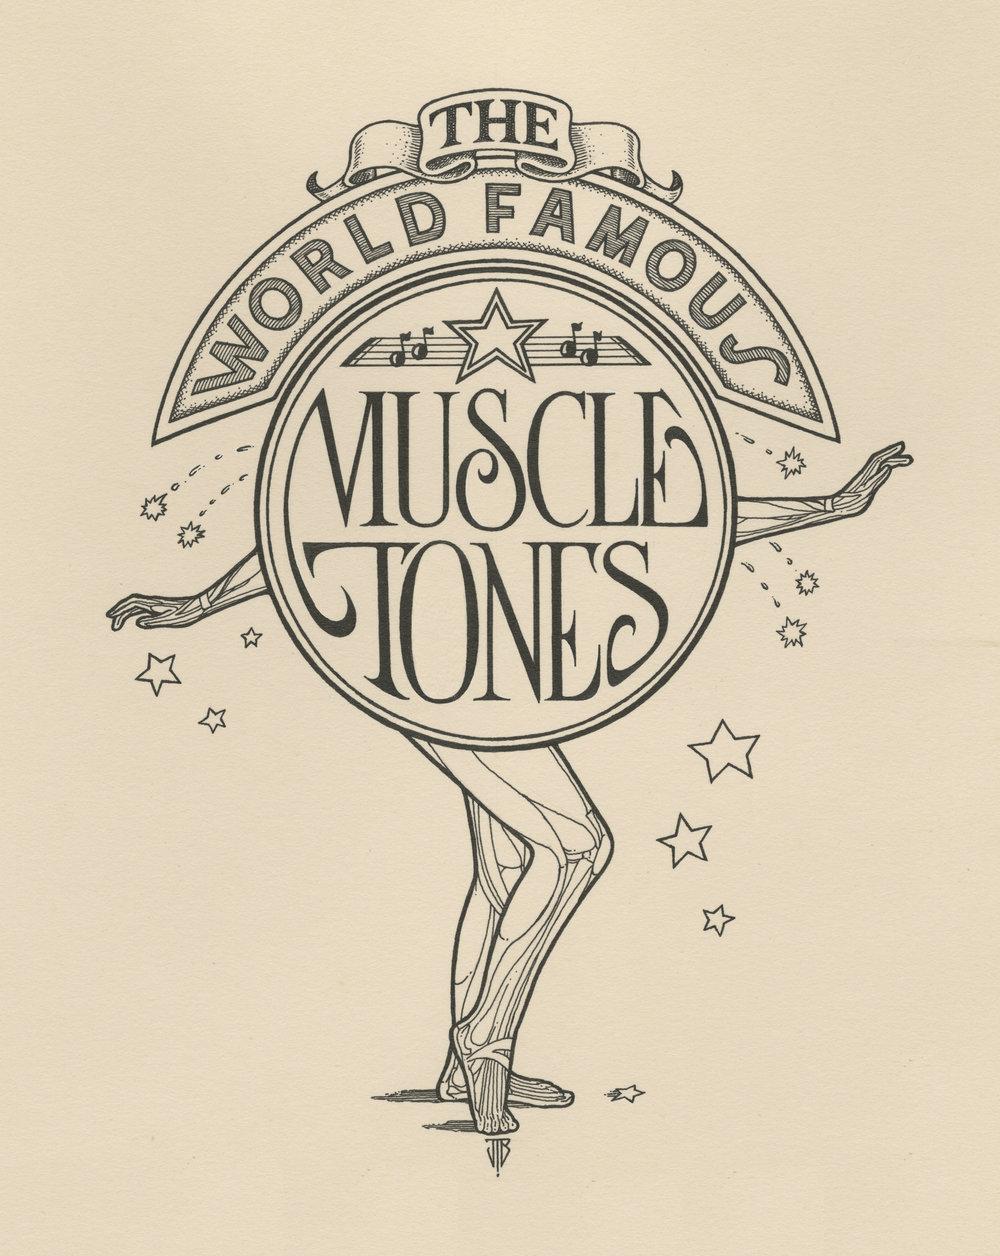 Muscle Tones002.jpg